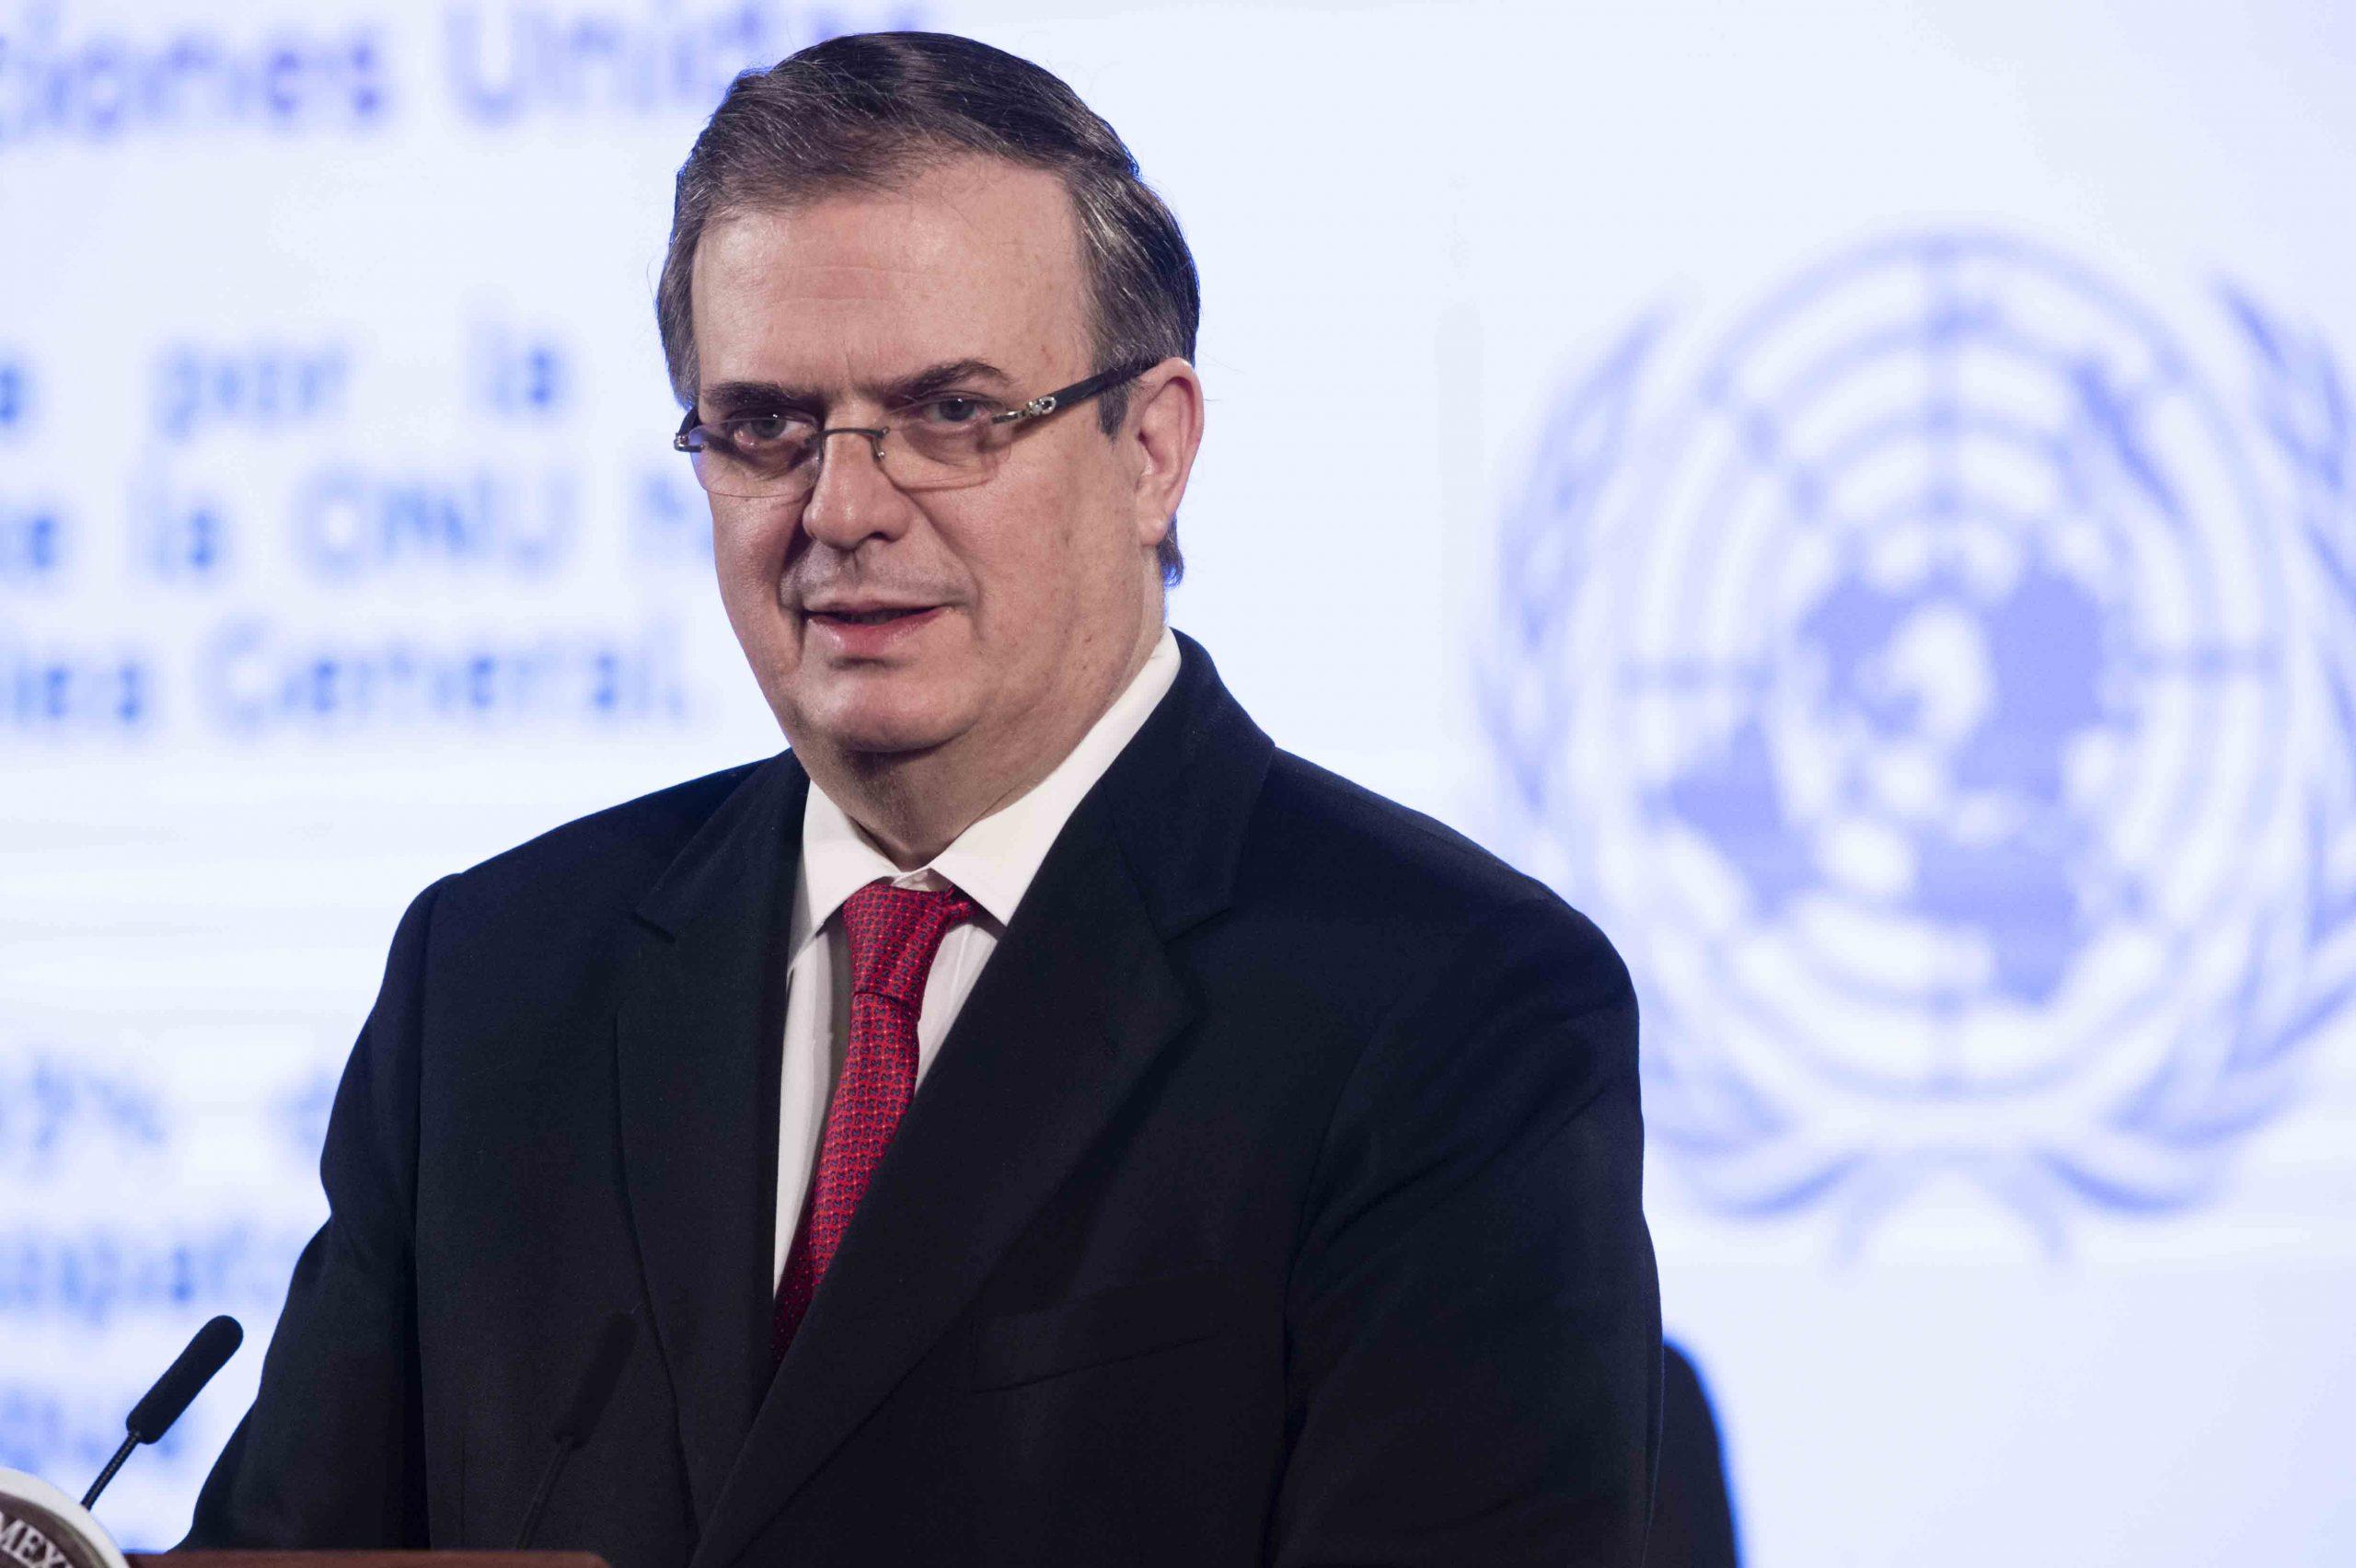 El titular de la Secretaría de Relaciones Exteriores, Marcelo Ebrard en conferencia en la Ciudad de México, México, 21 de abril de 2020.